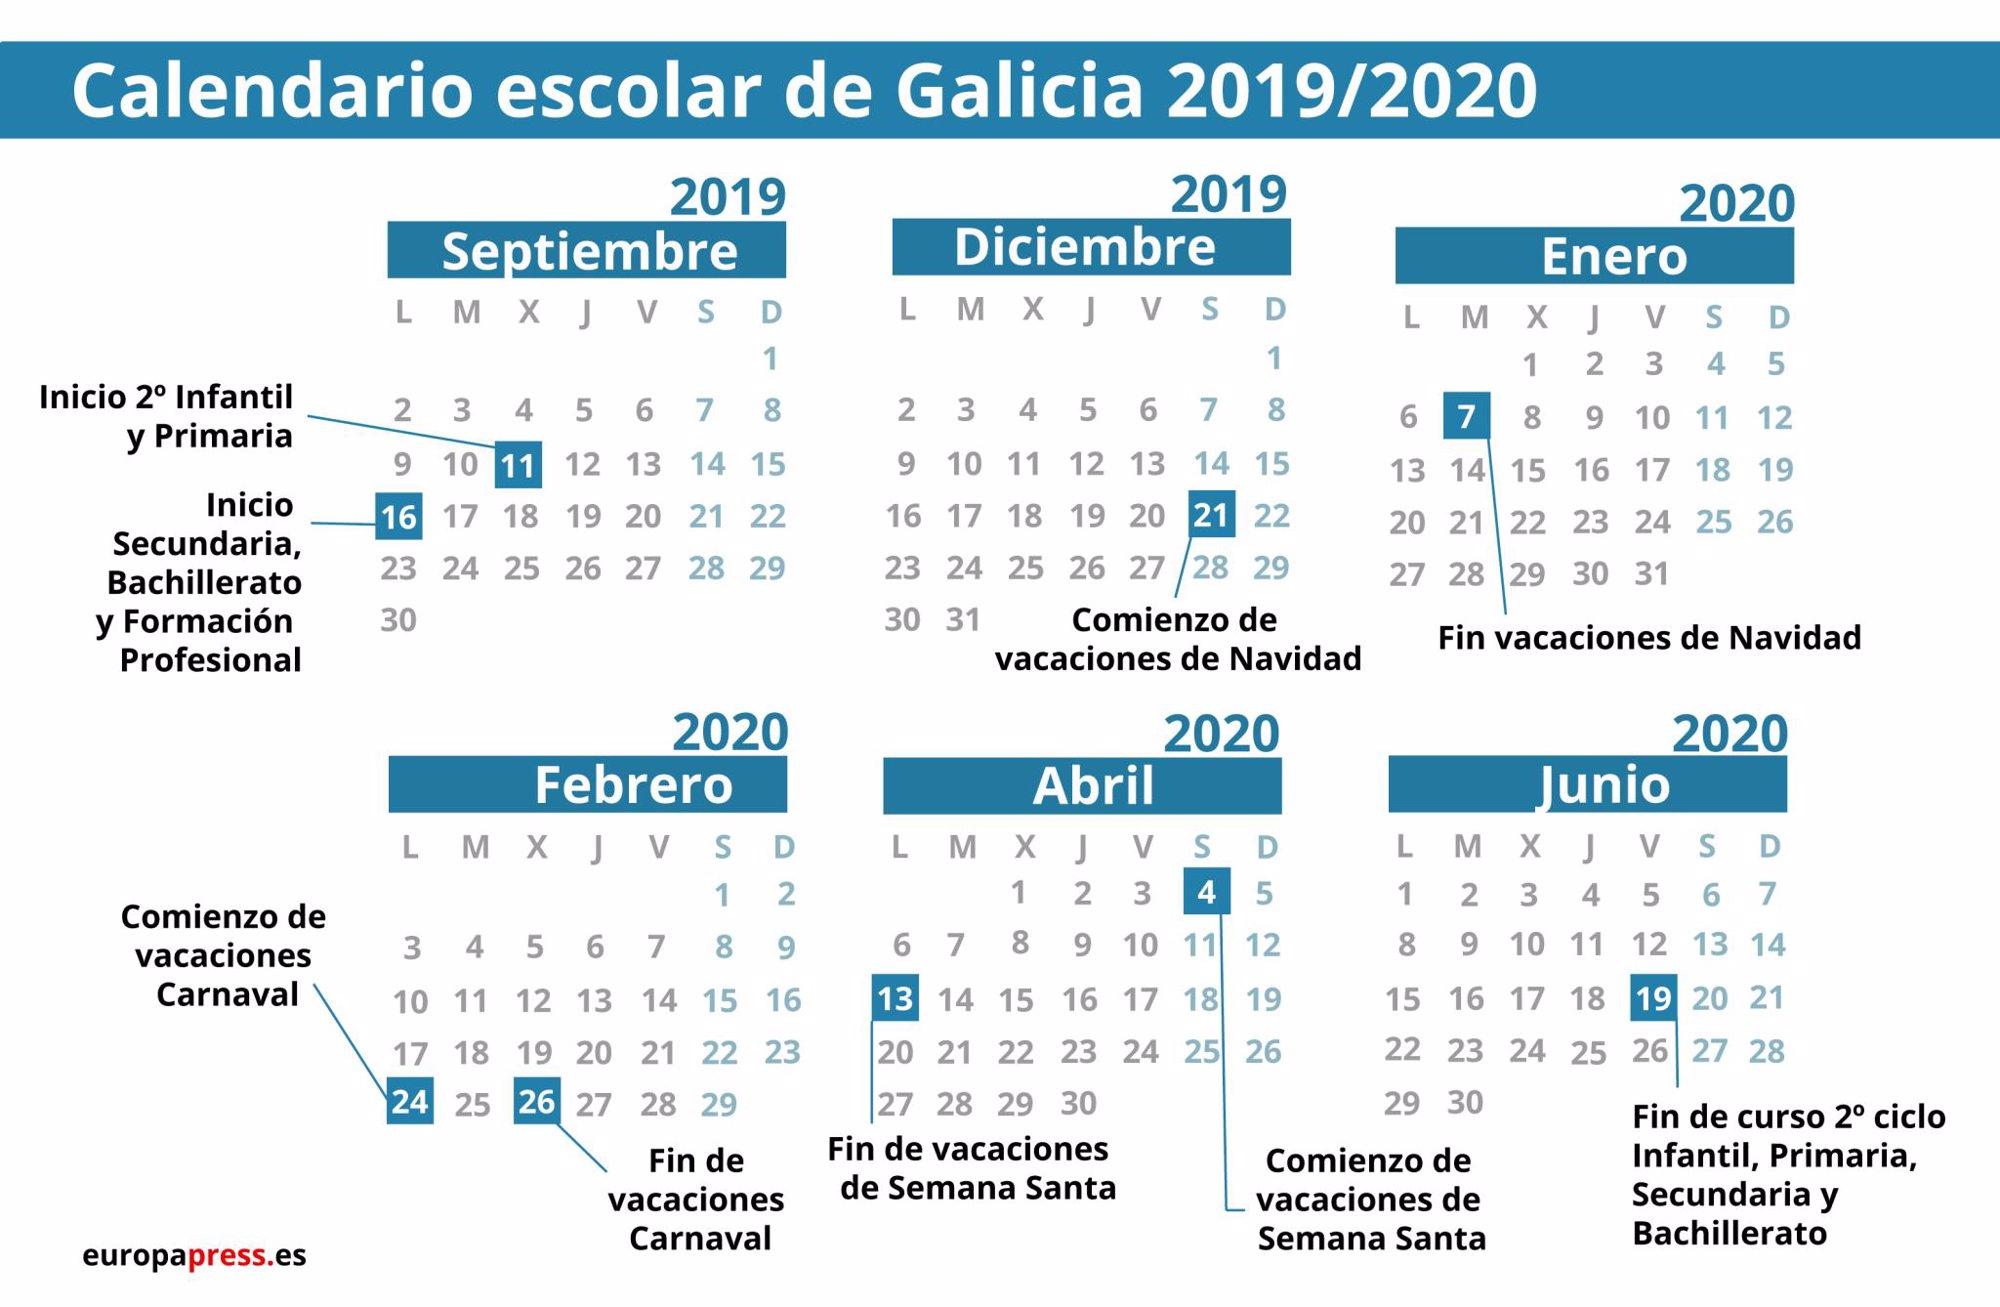 Calendario De Semanas.Calendario Escolar En Galicia 2019 2020 Navidad Semana Santa Y Vacaciones De Verano